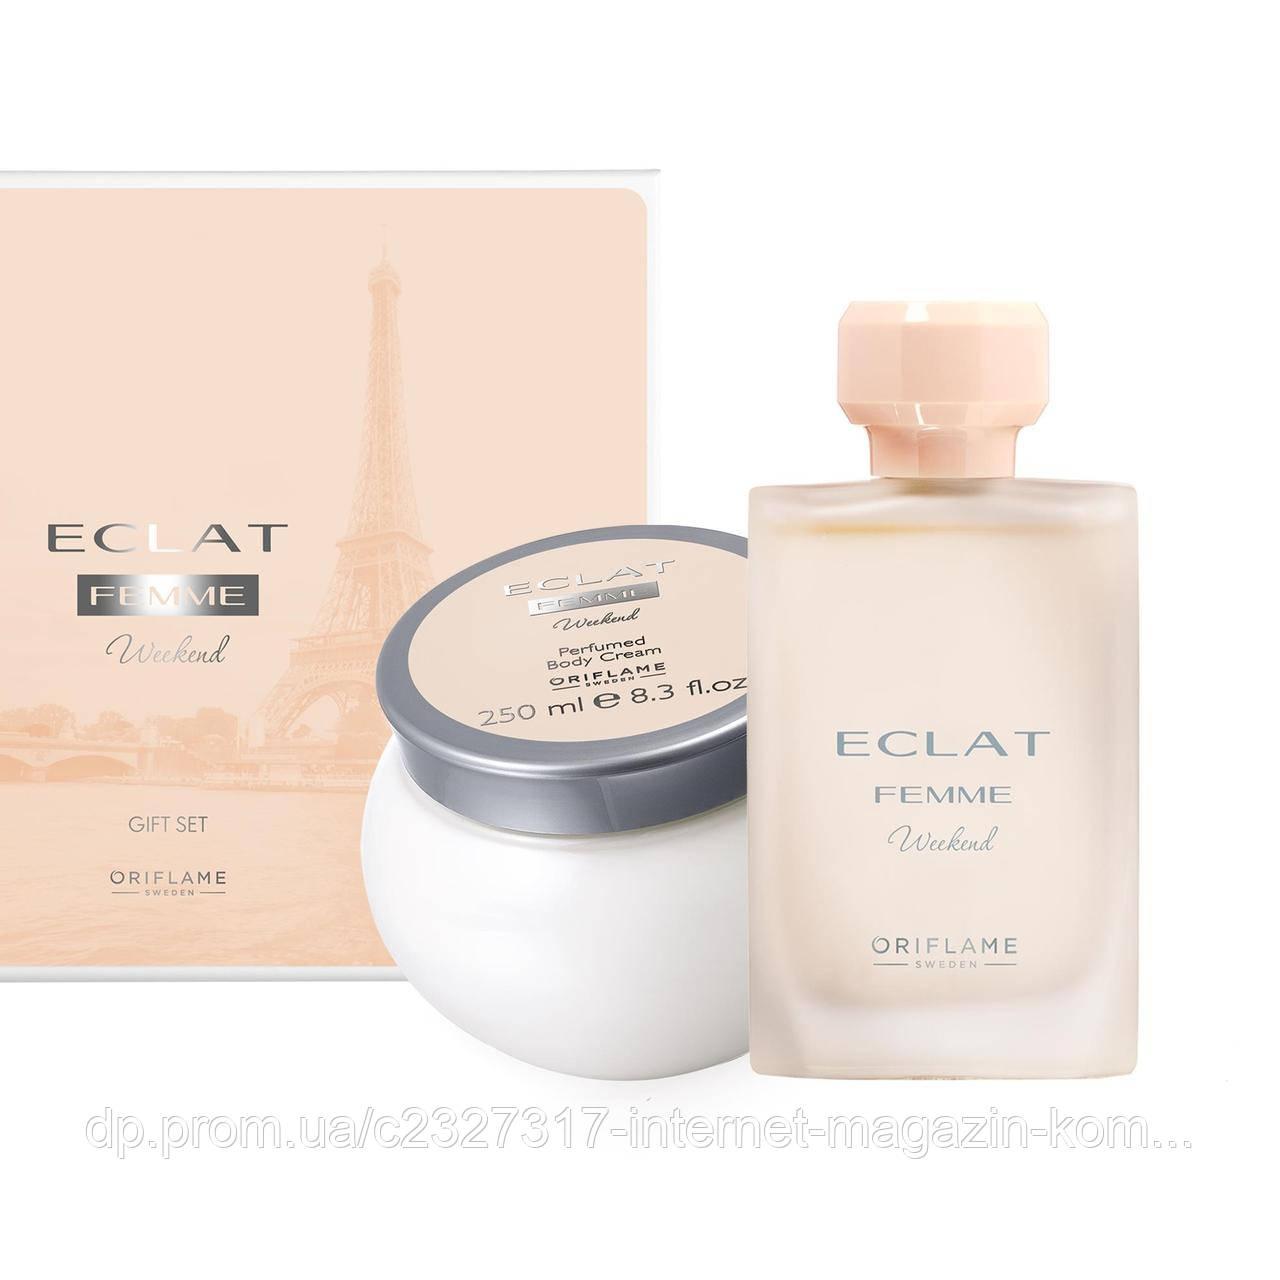 Подарунковий набір для жінок Eclat Femme Weekend Екла Фам Вікенд Oriflame Оріфлейм